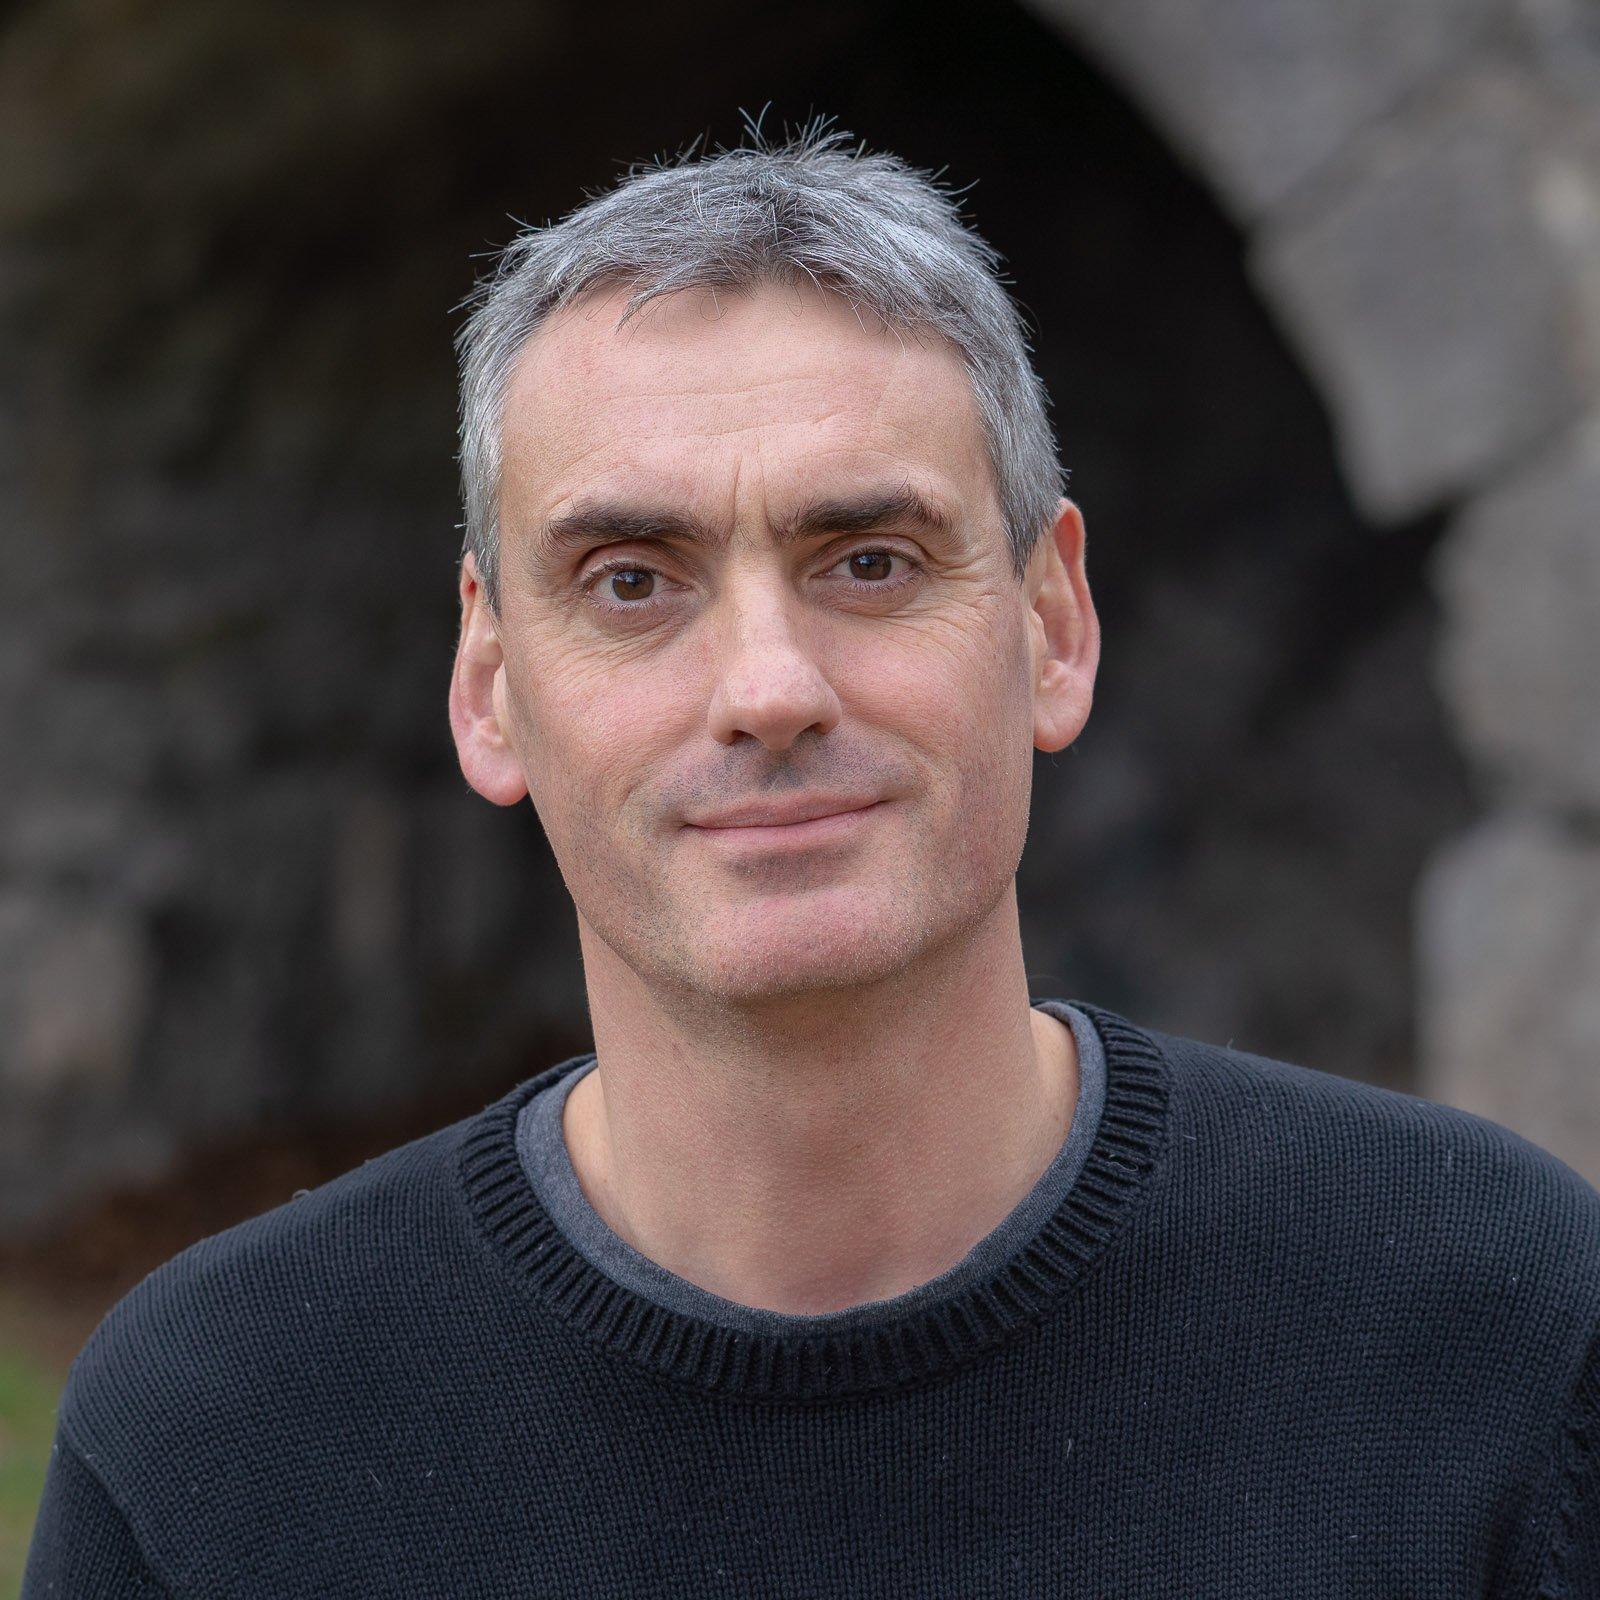 Gilles Namur